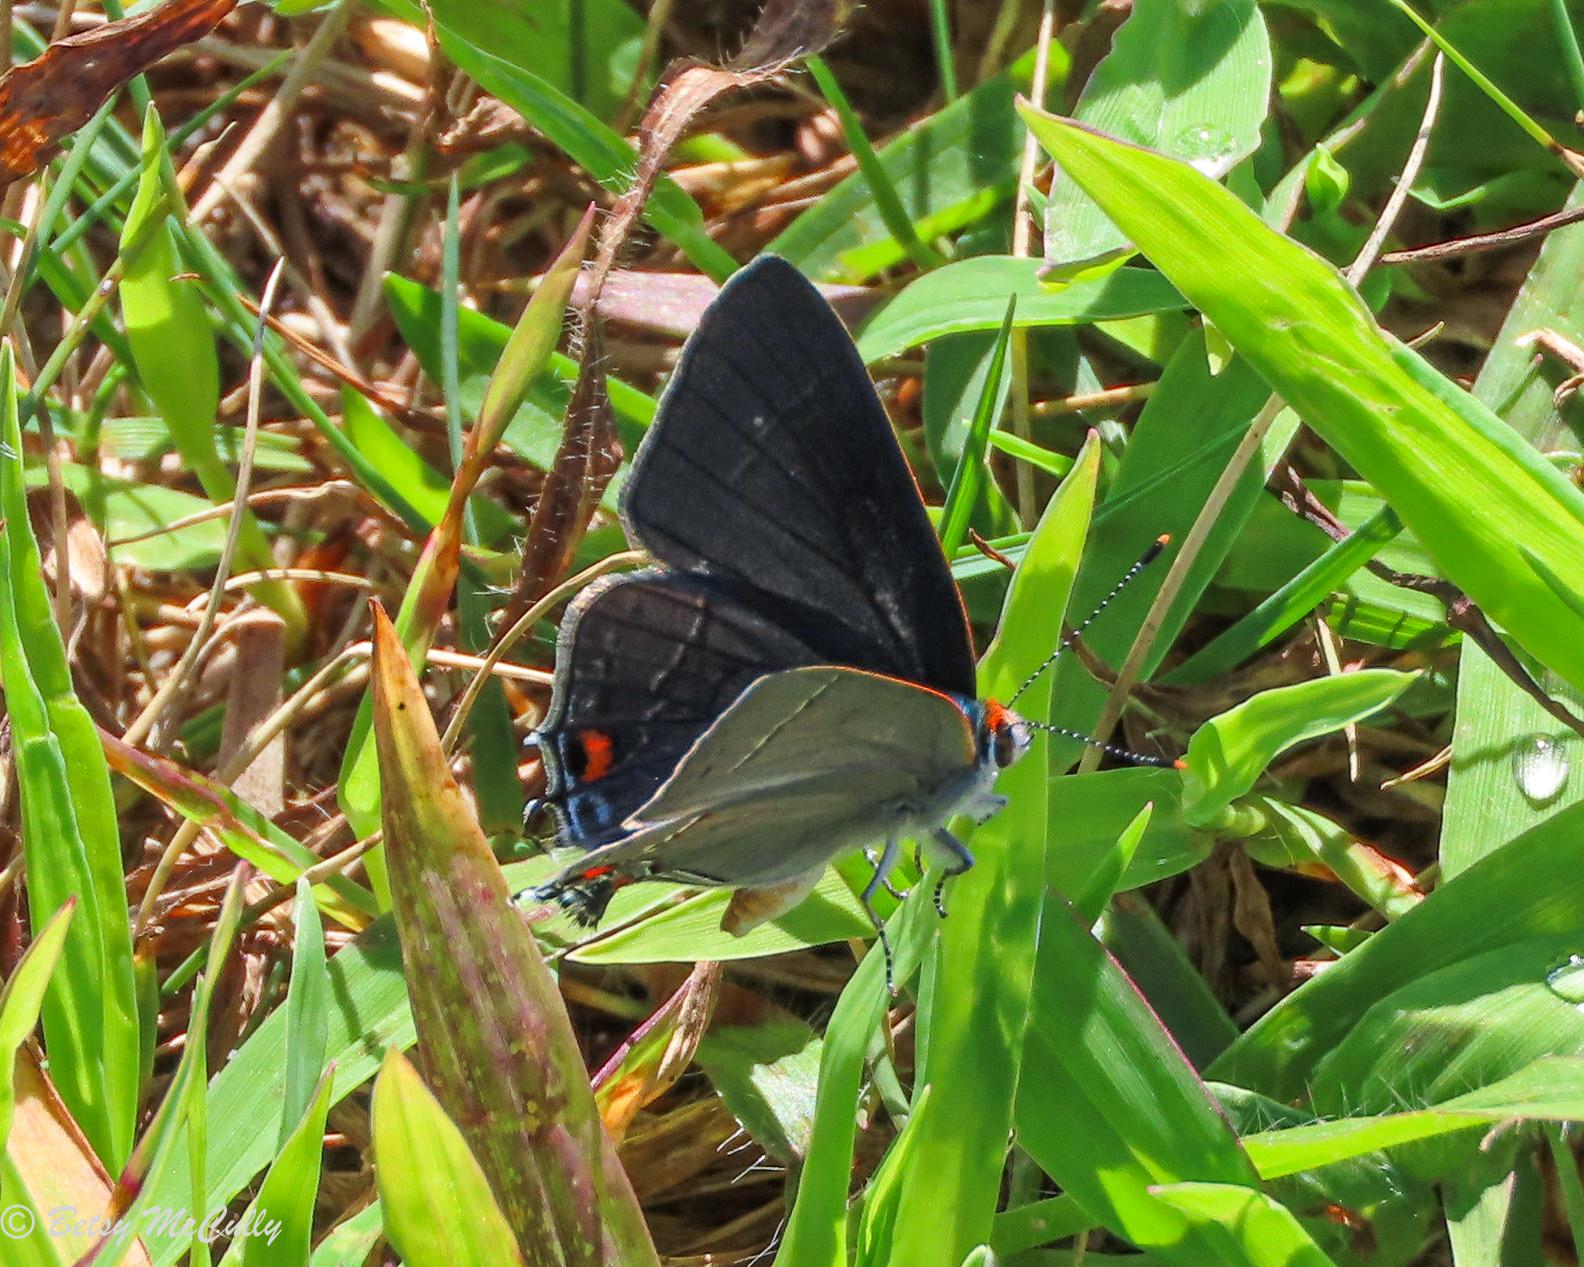 Photo of Gray Hairstreak in grass